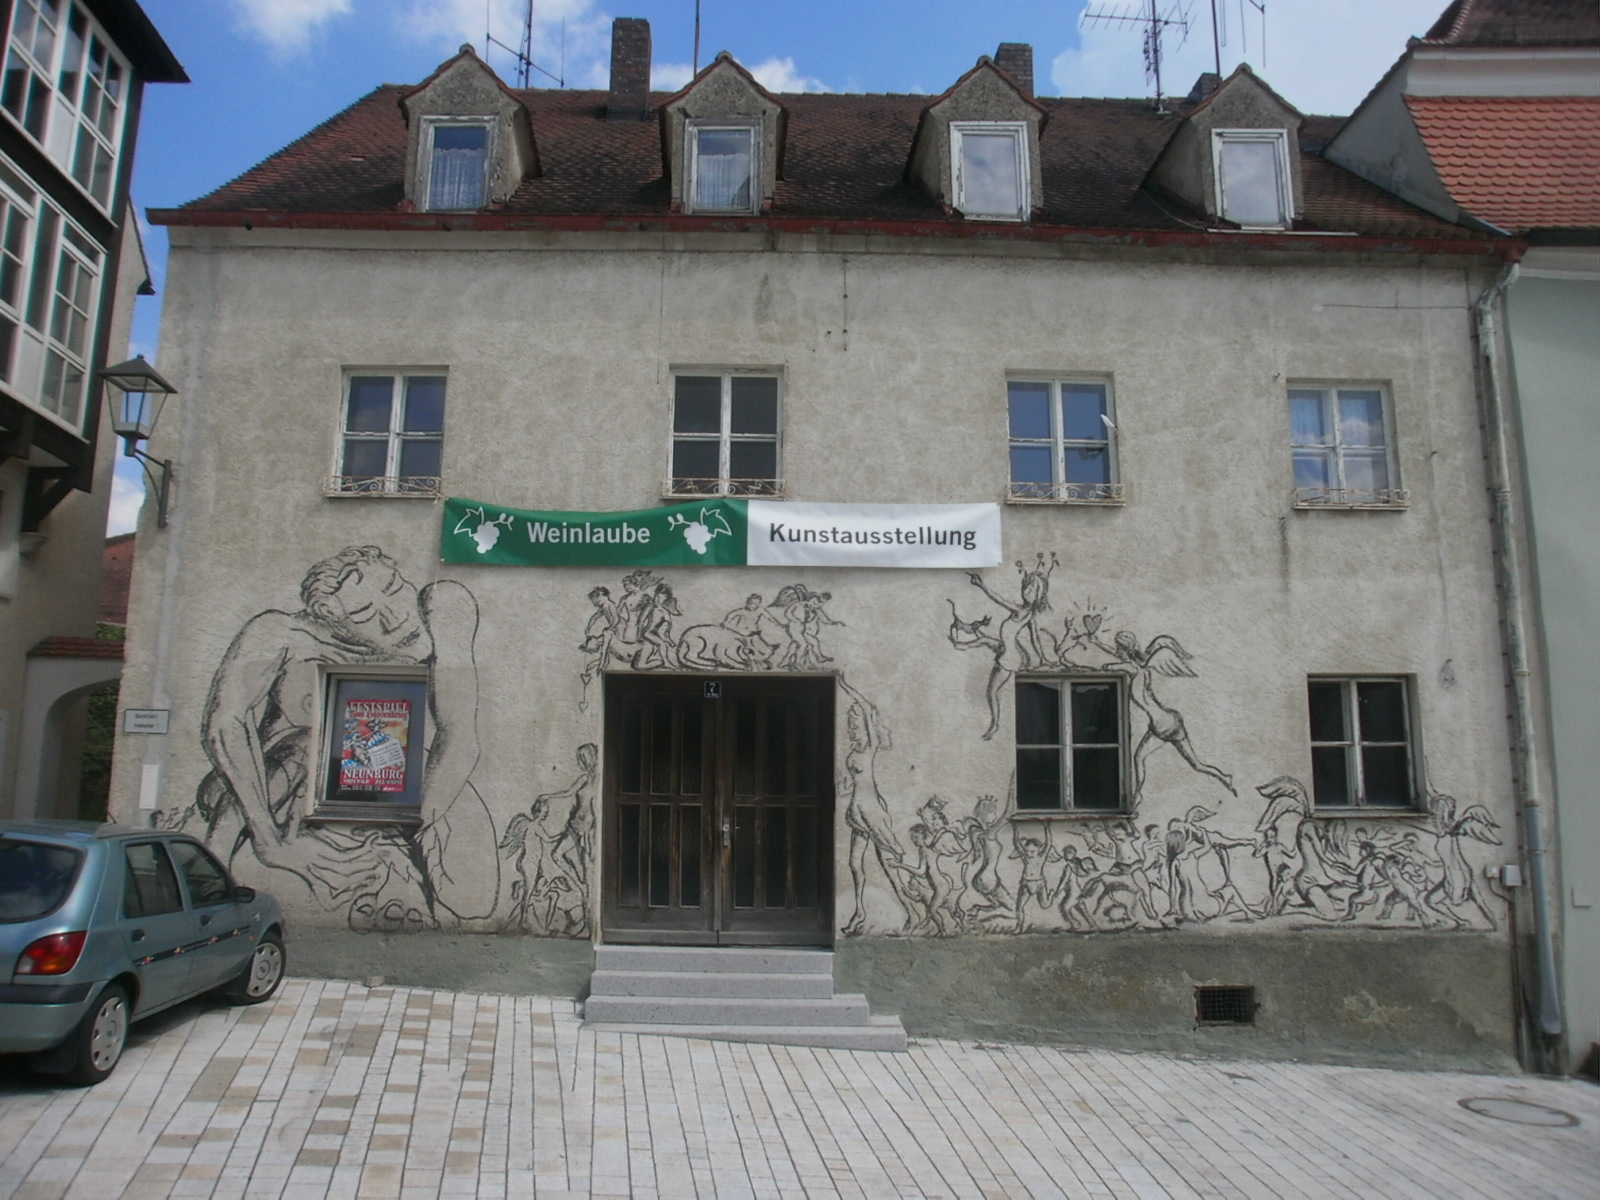 Quartier des Neunburger Kunstvereins Unverdorben e. V. im (inzwischen abgebrochenen) Gebäude Im Berg 7, 2013 bis 2018. Foto: Karl Stumpfi, KVU